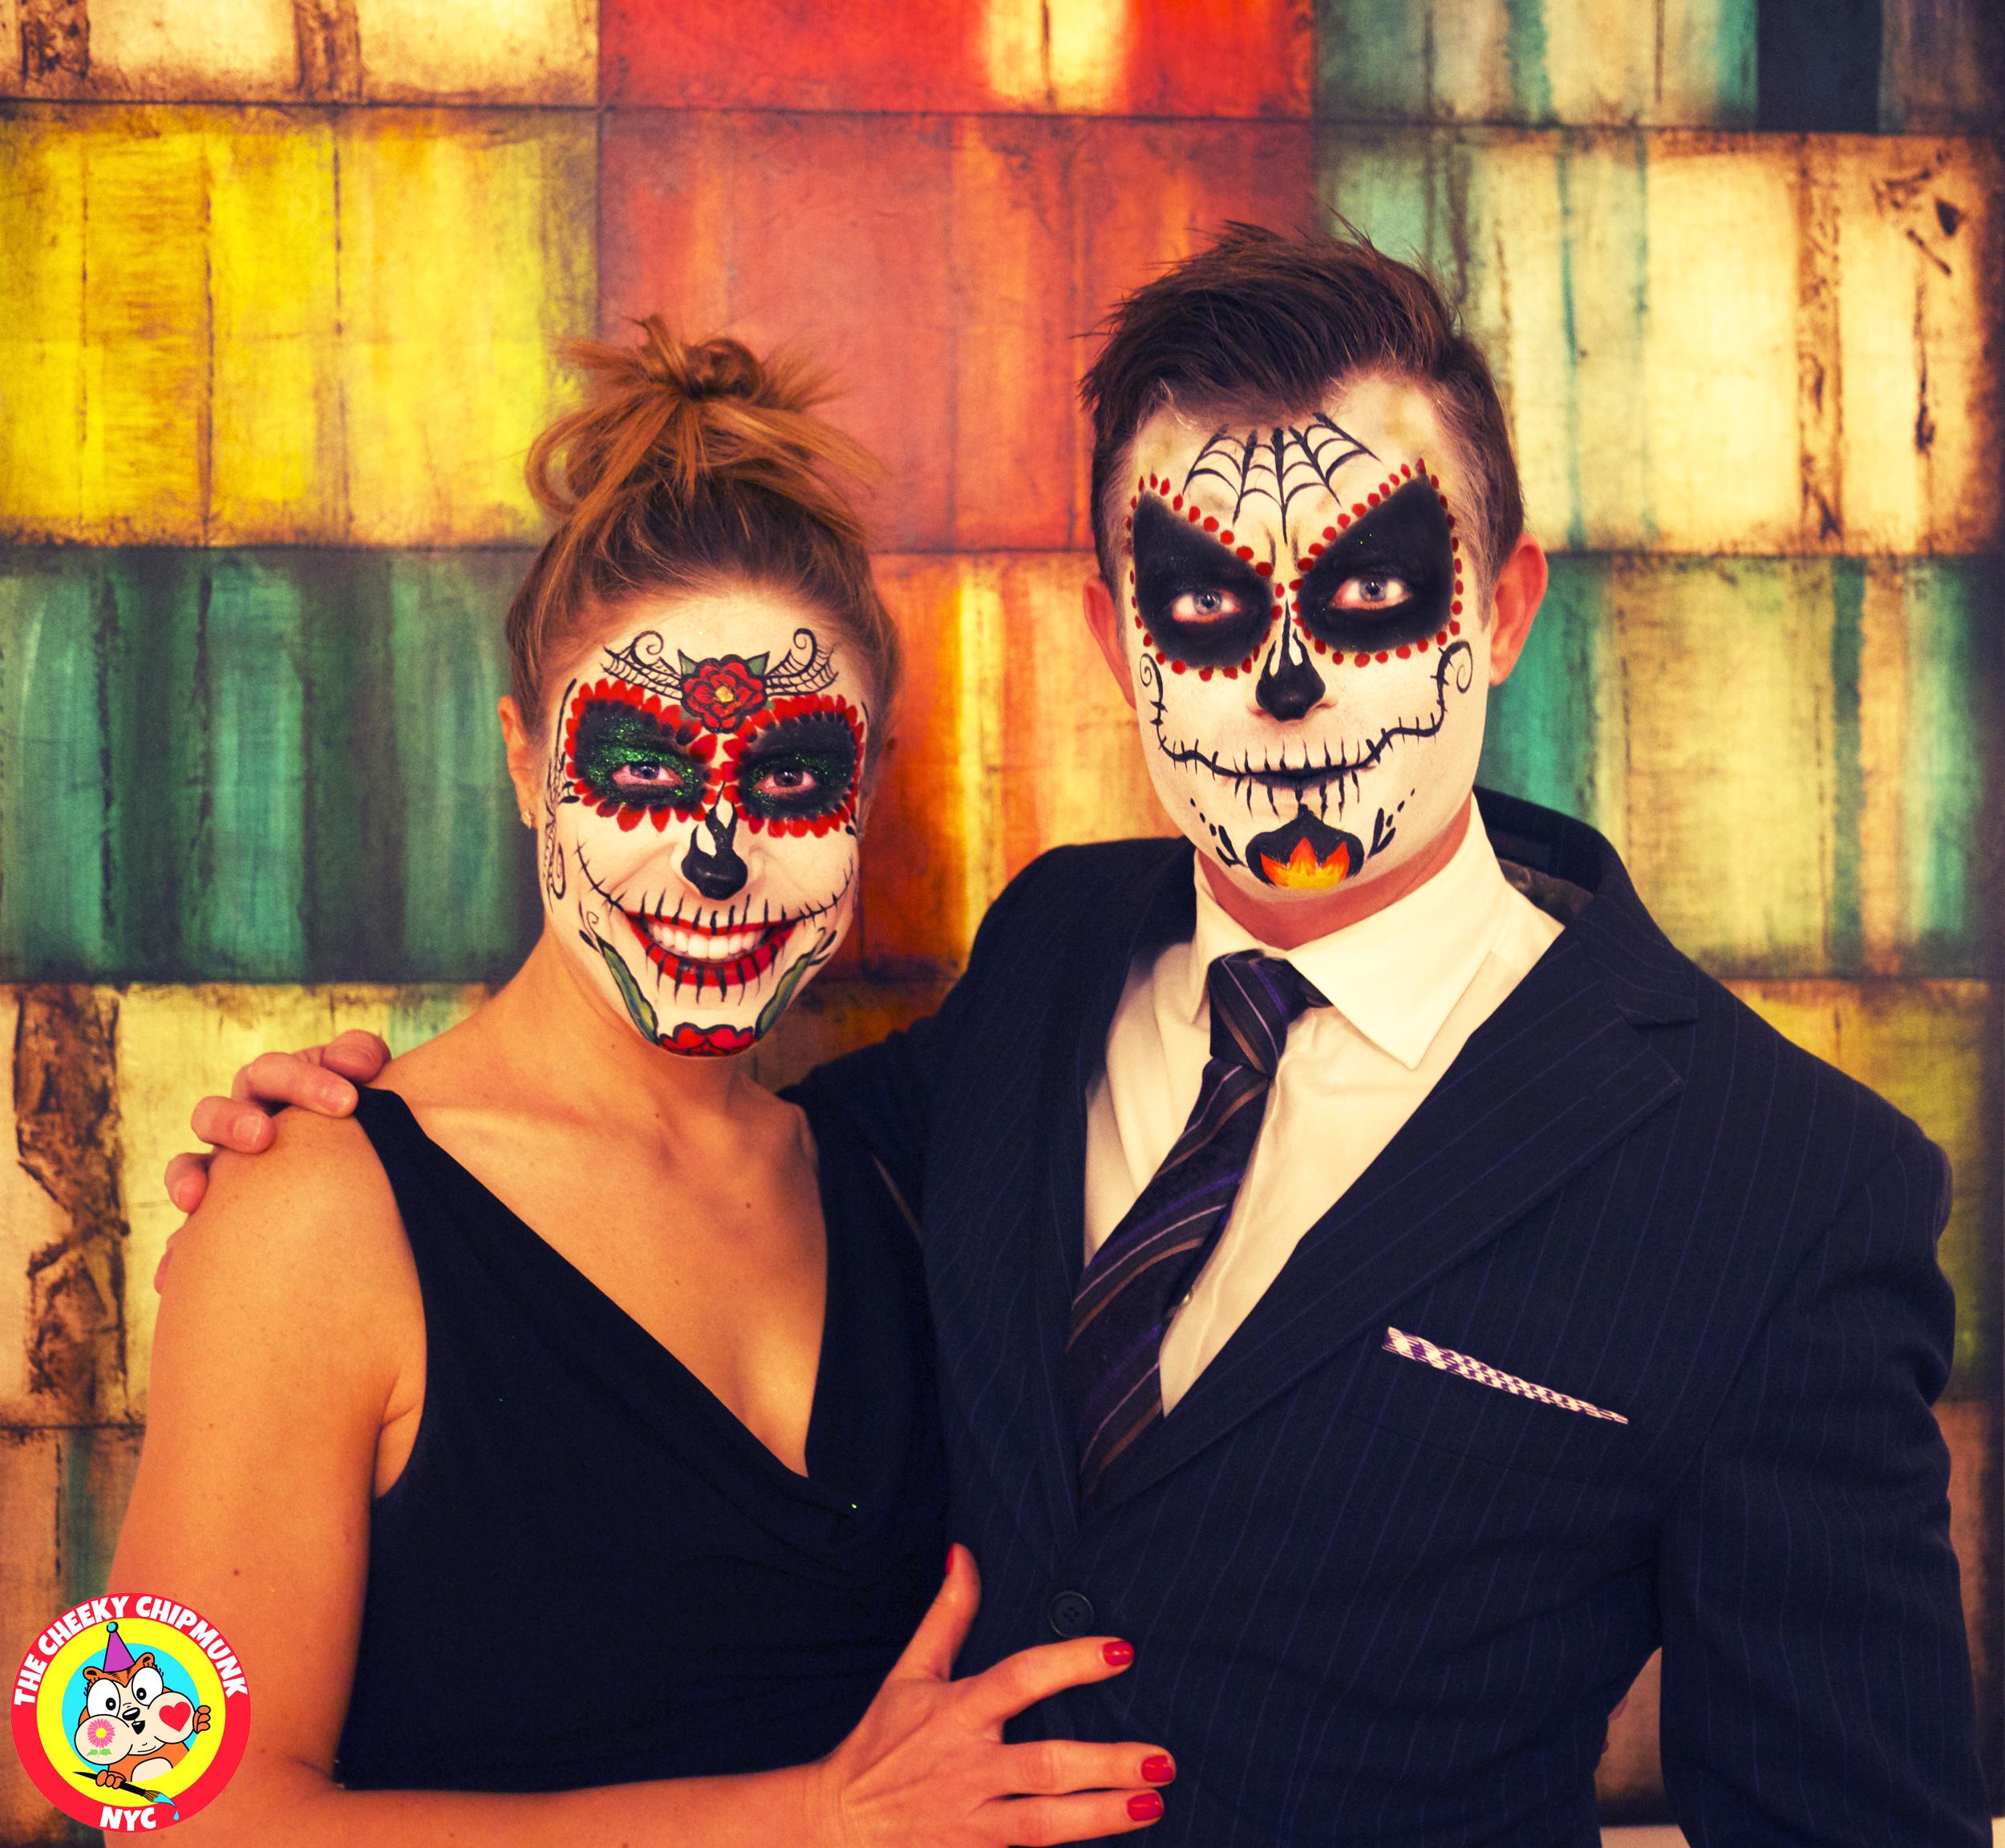 Chris and Amy sugar skulls